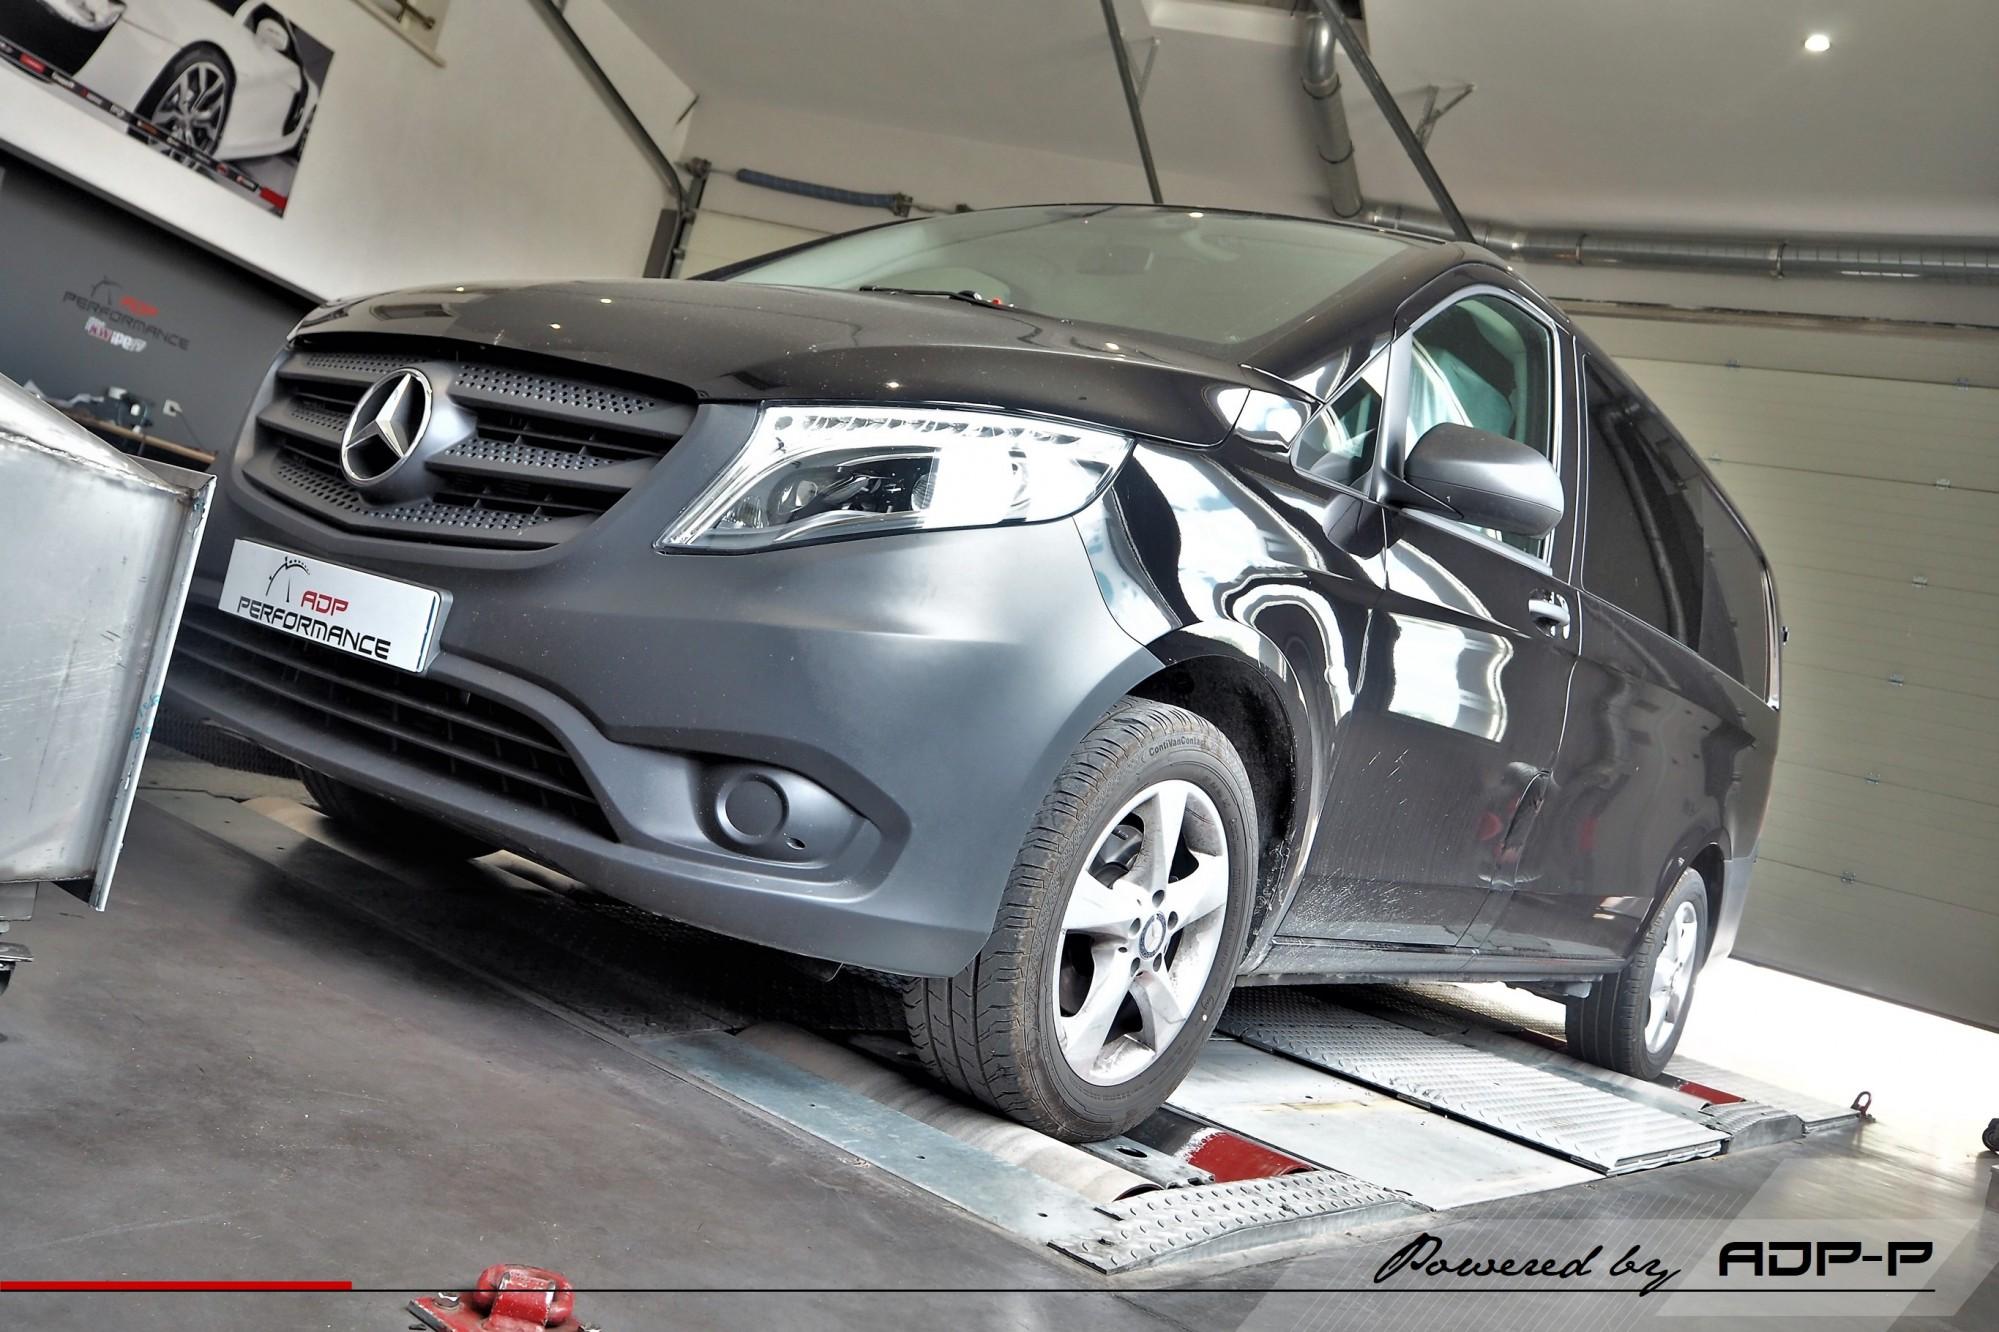 Reprogrammation moteur Aix en Provence, Avignon, Arles - Mercedes Vito 114 CDI (Euro 6) 136cv - ADP Performance